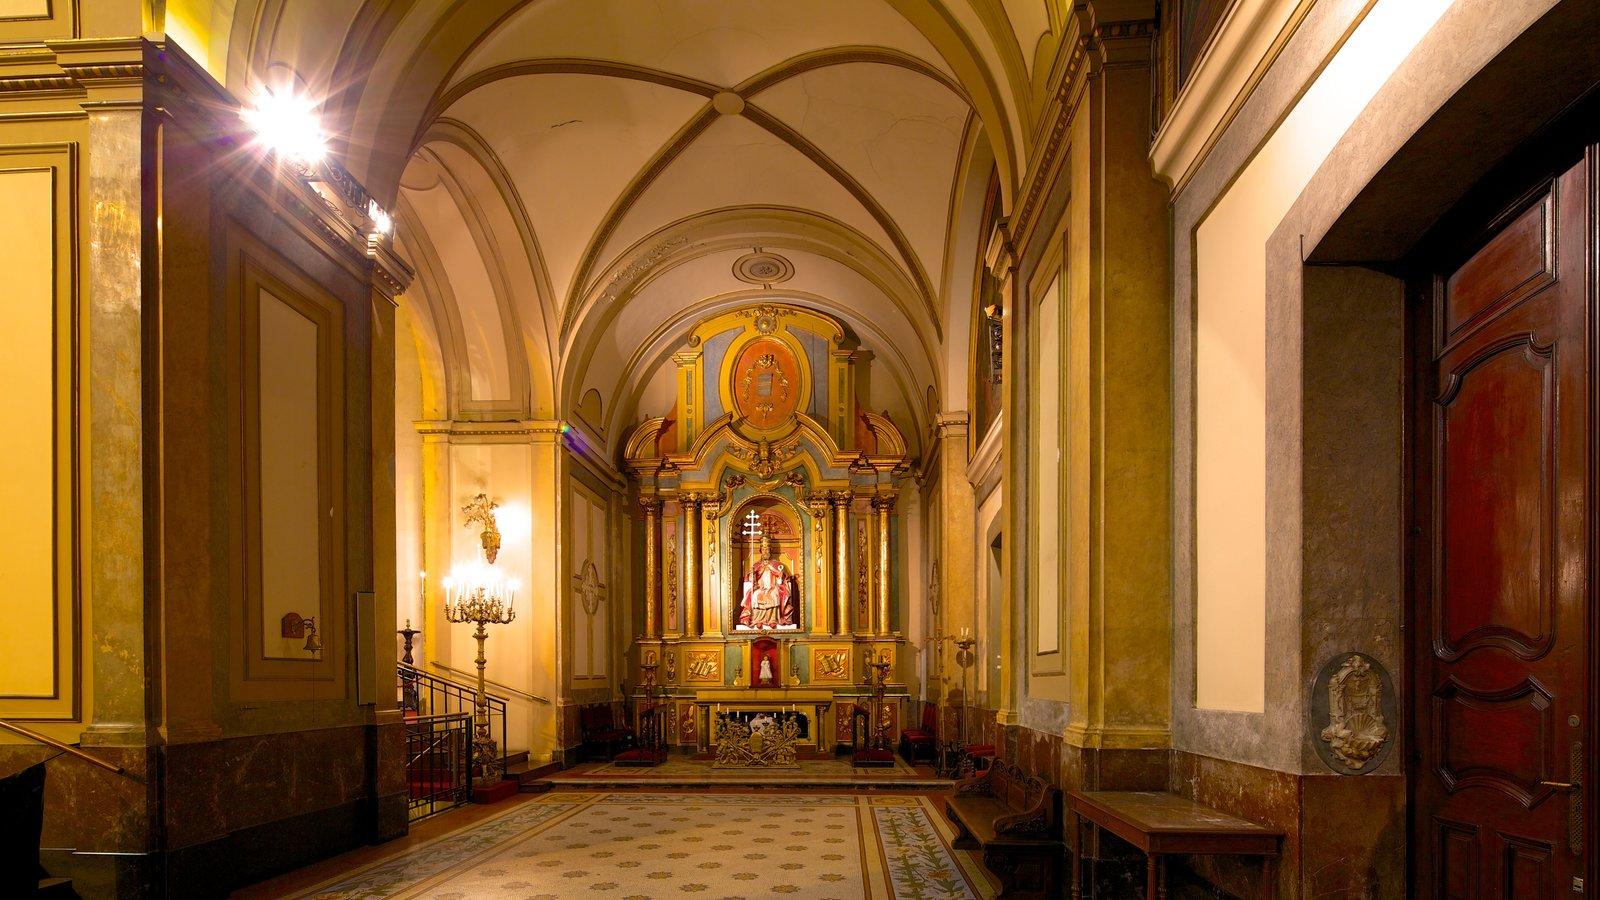 Catedral Metropolitana de Buenos Aires caracterizando uma igreja ou catedral, arquitetura de patrimônio e elementos religiosos